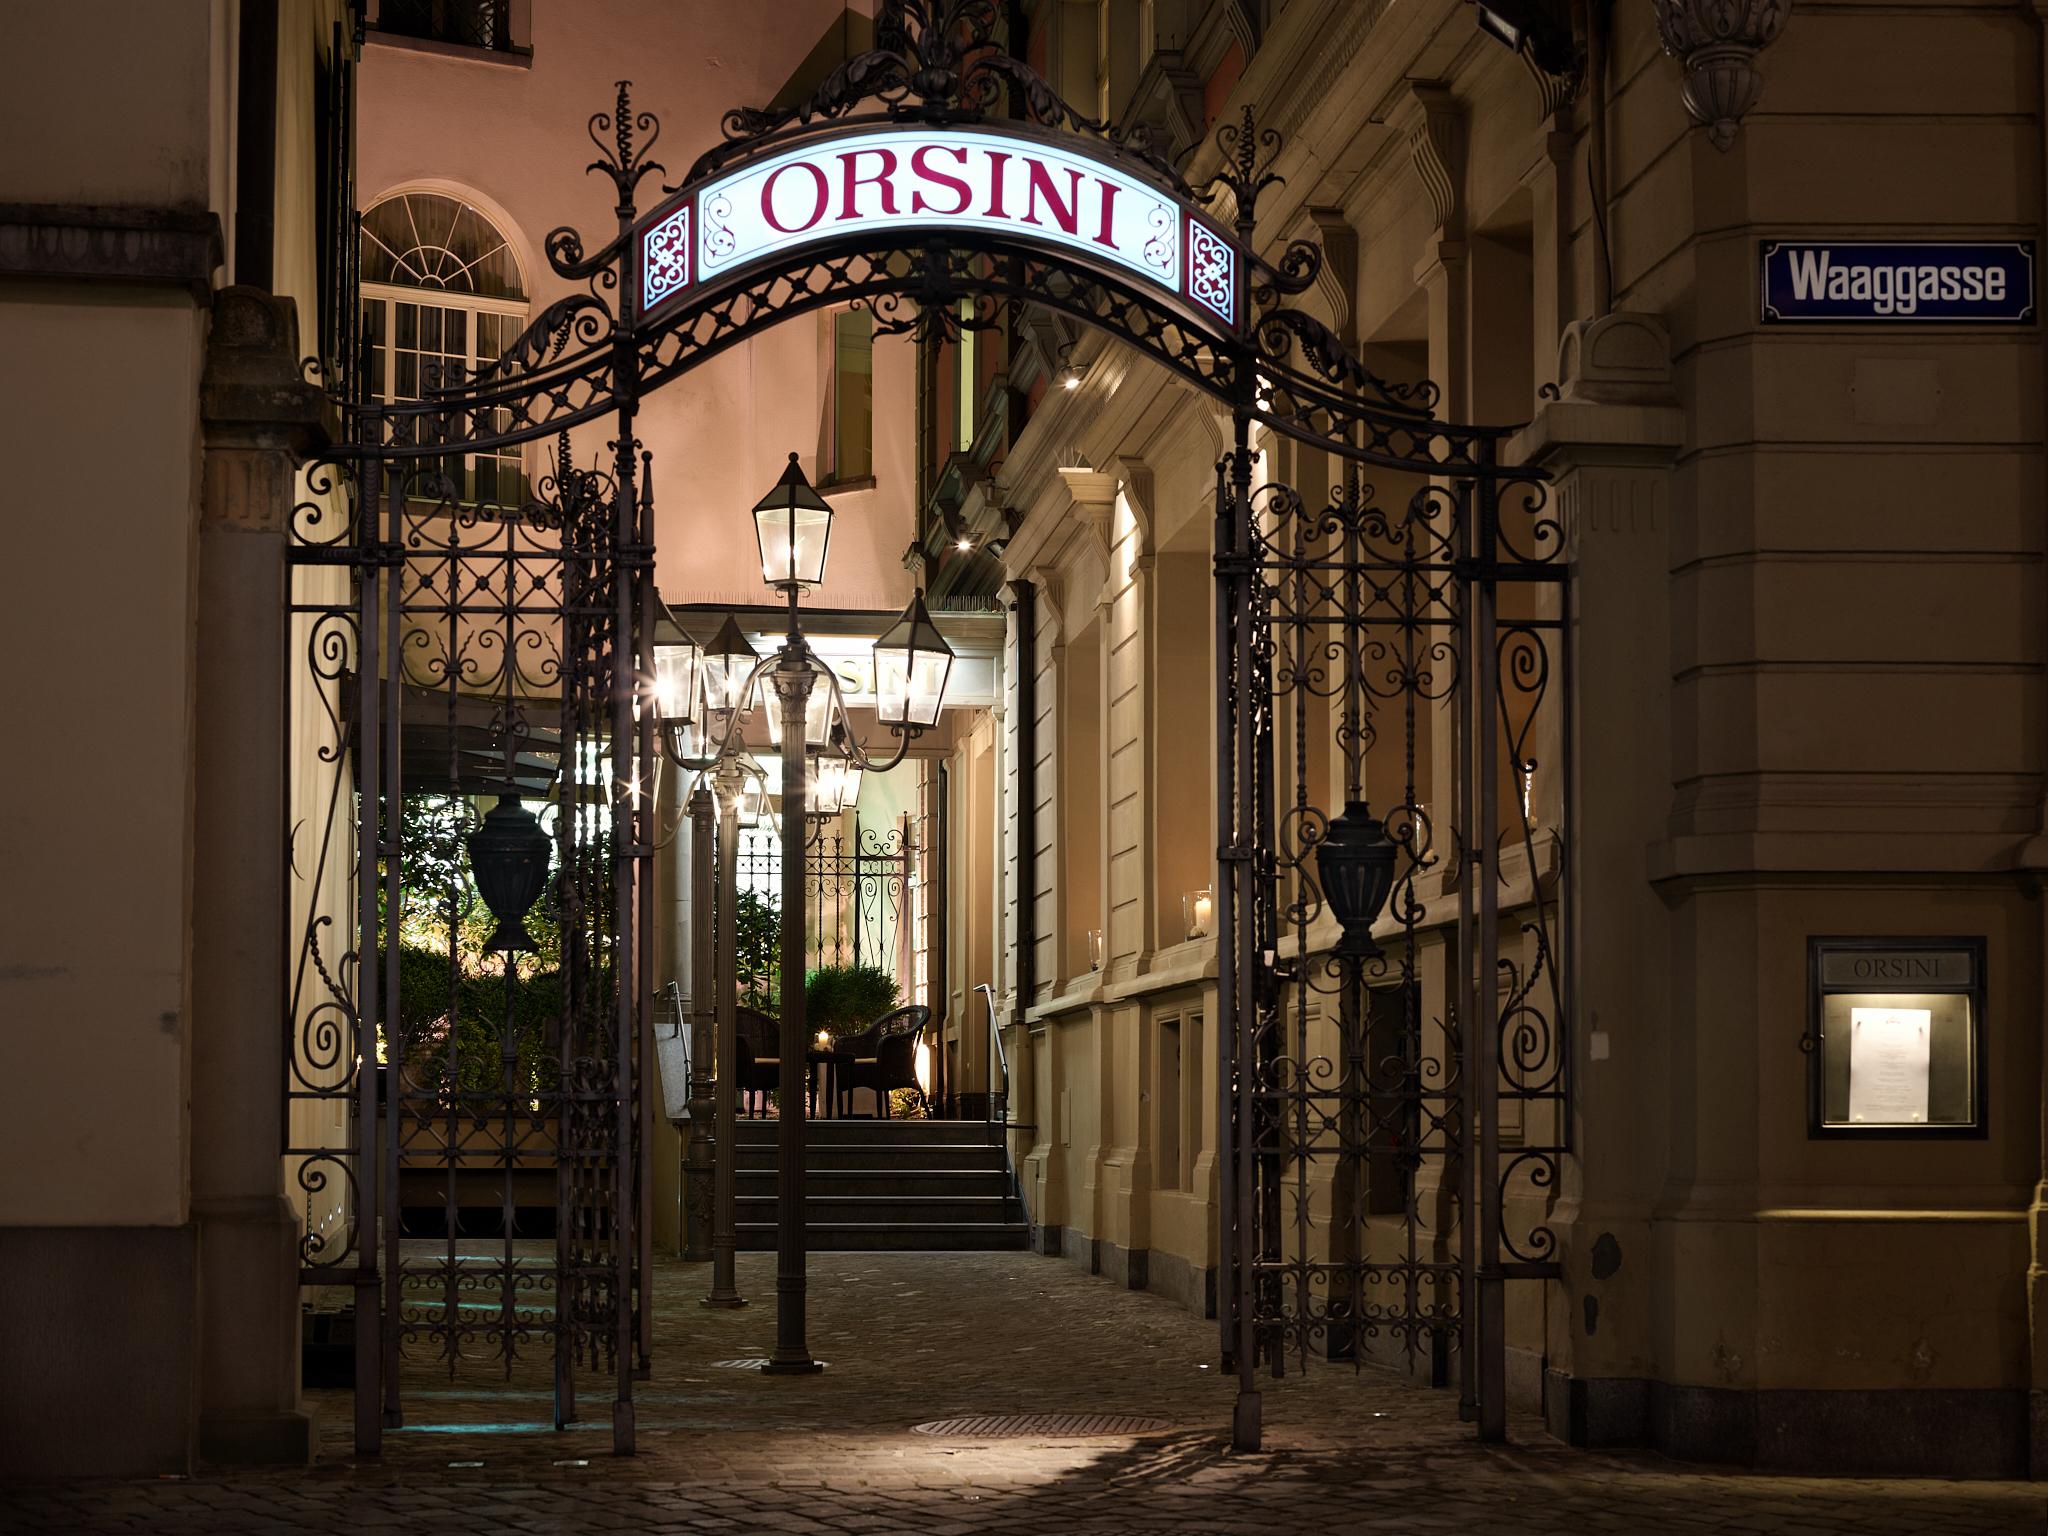 Orsini-Outside-1.jpg